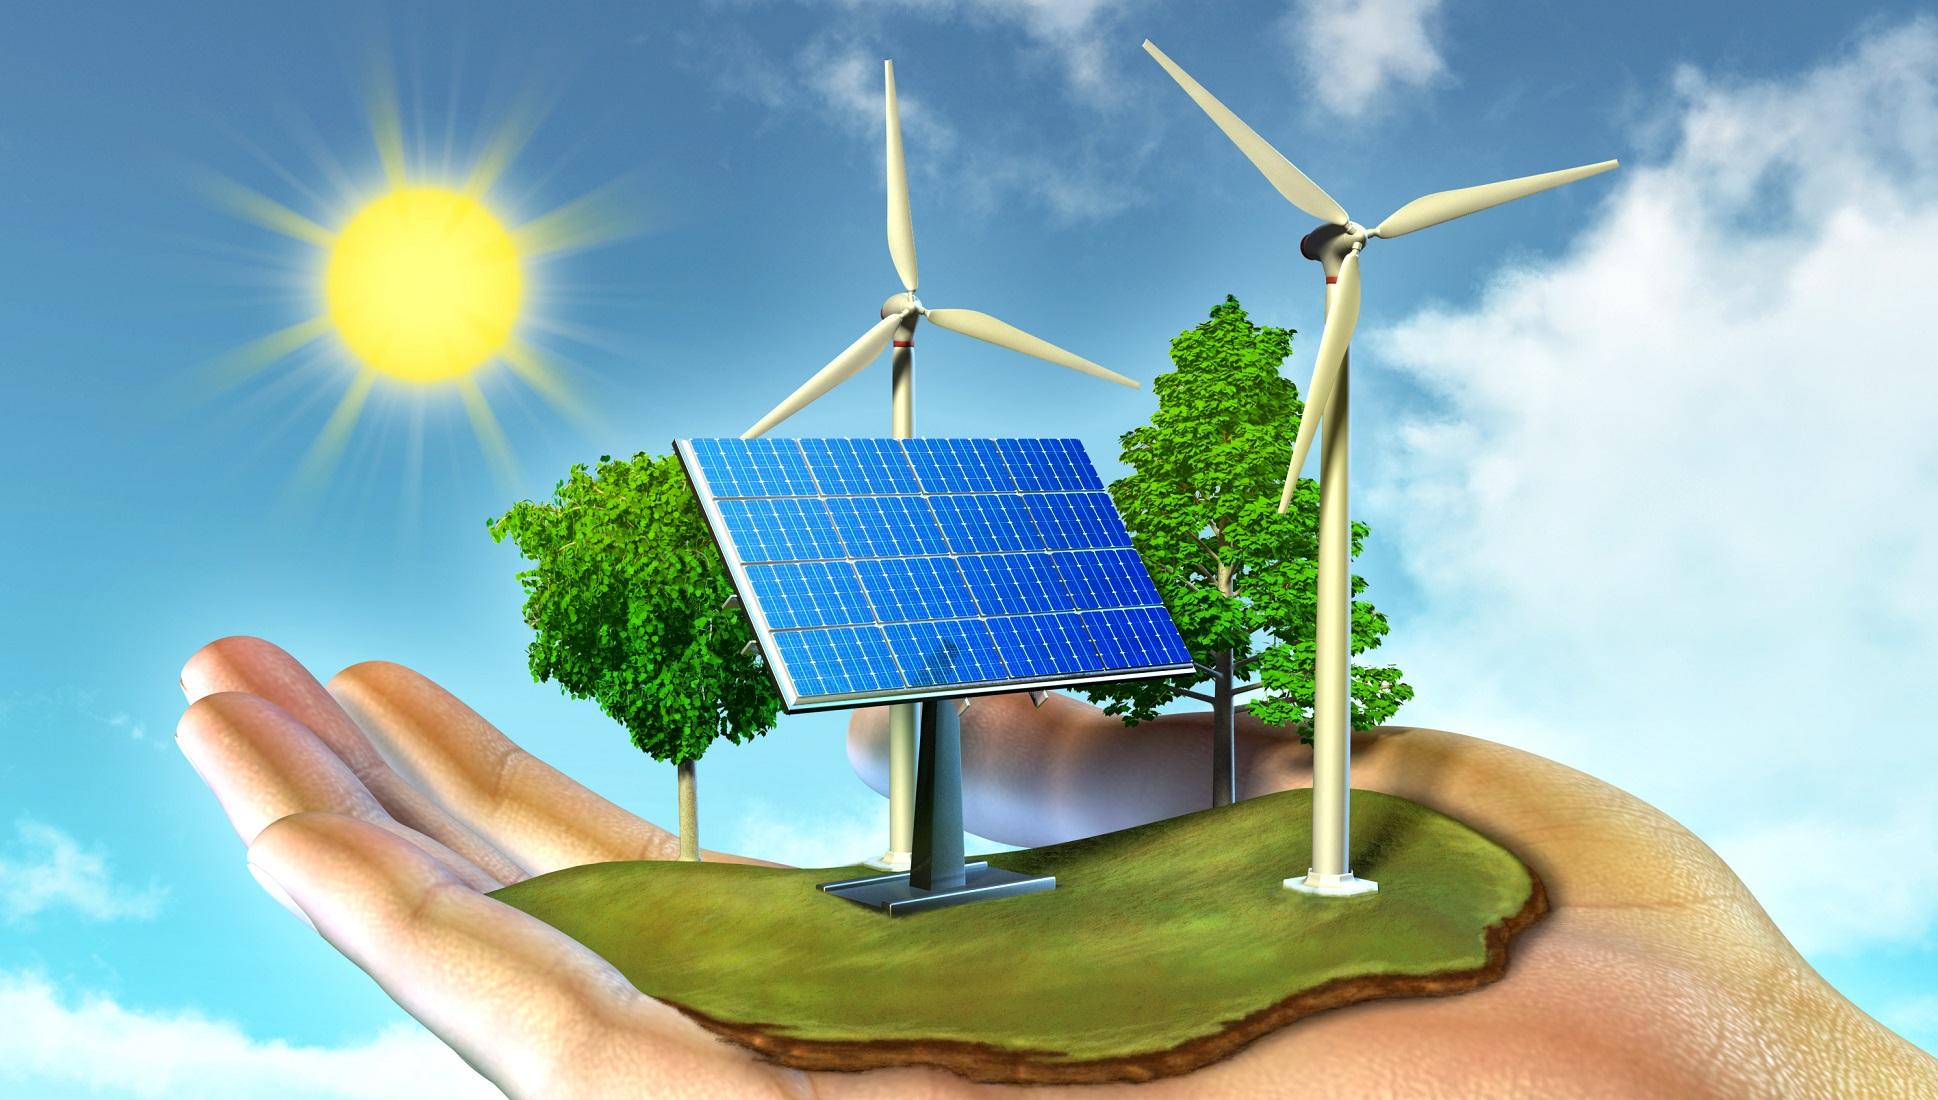 La ecovivienda que funciona solo con energía solar y eólica